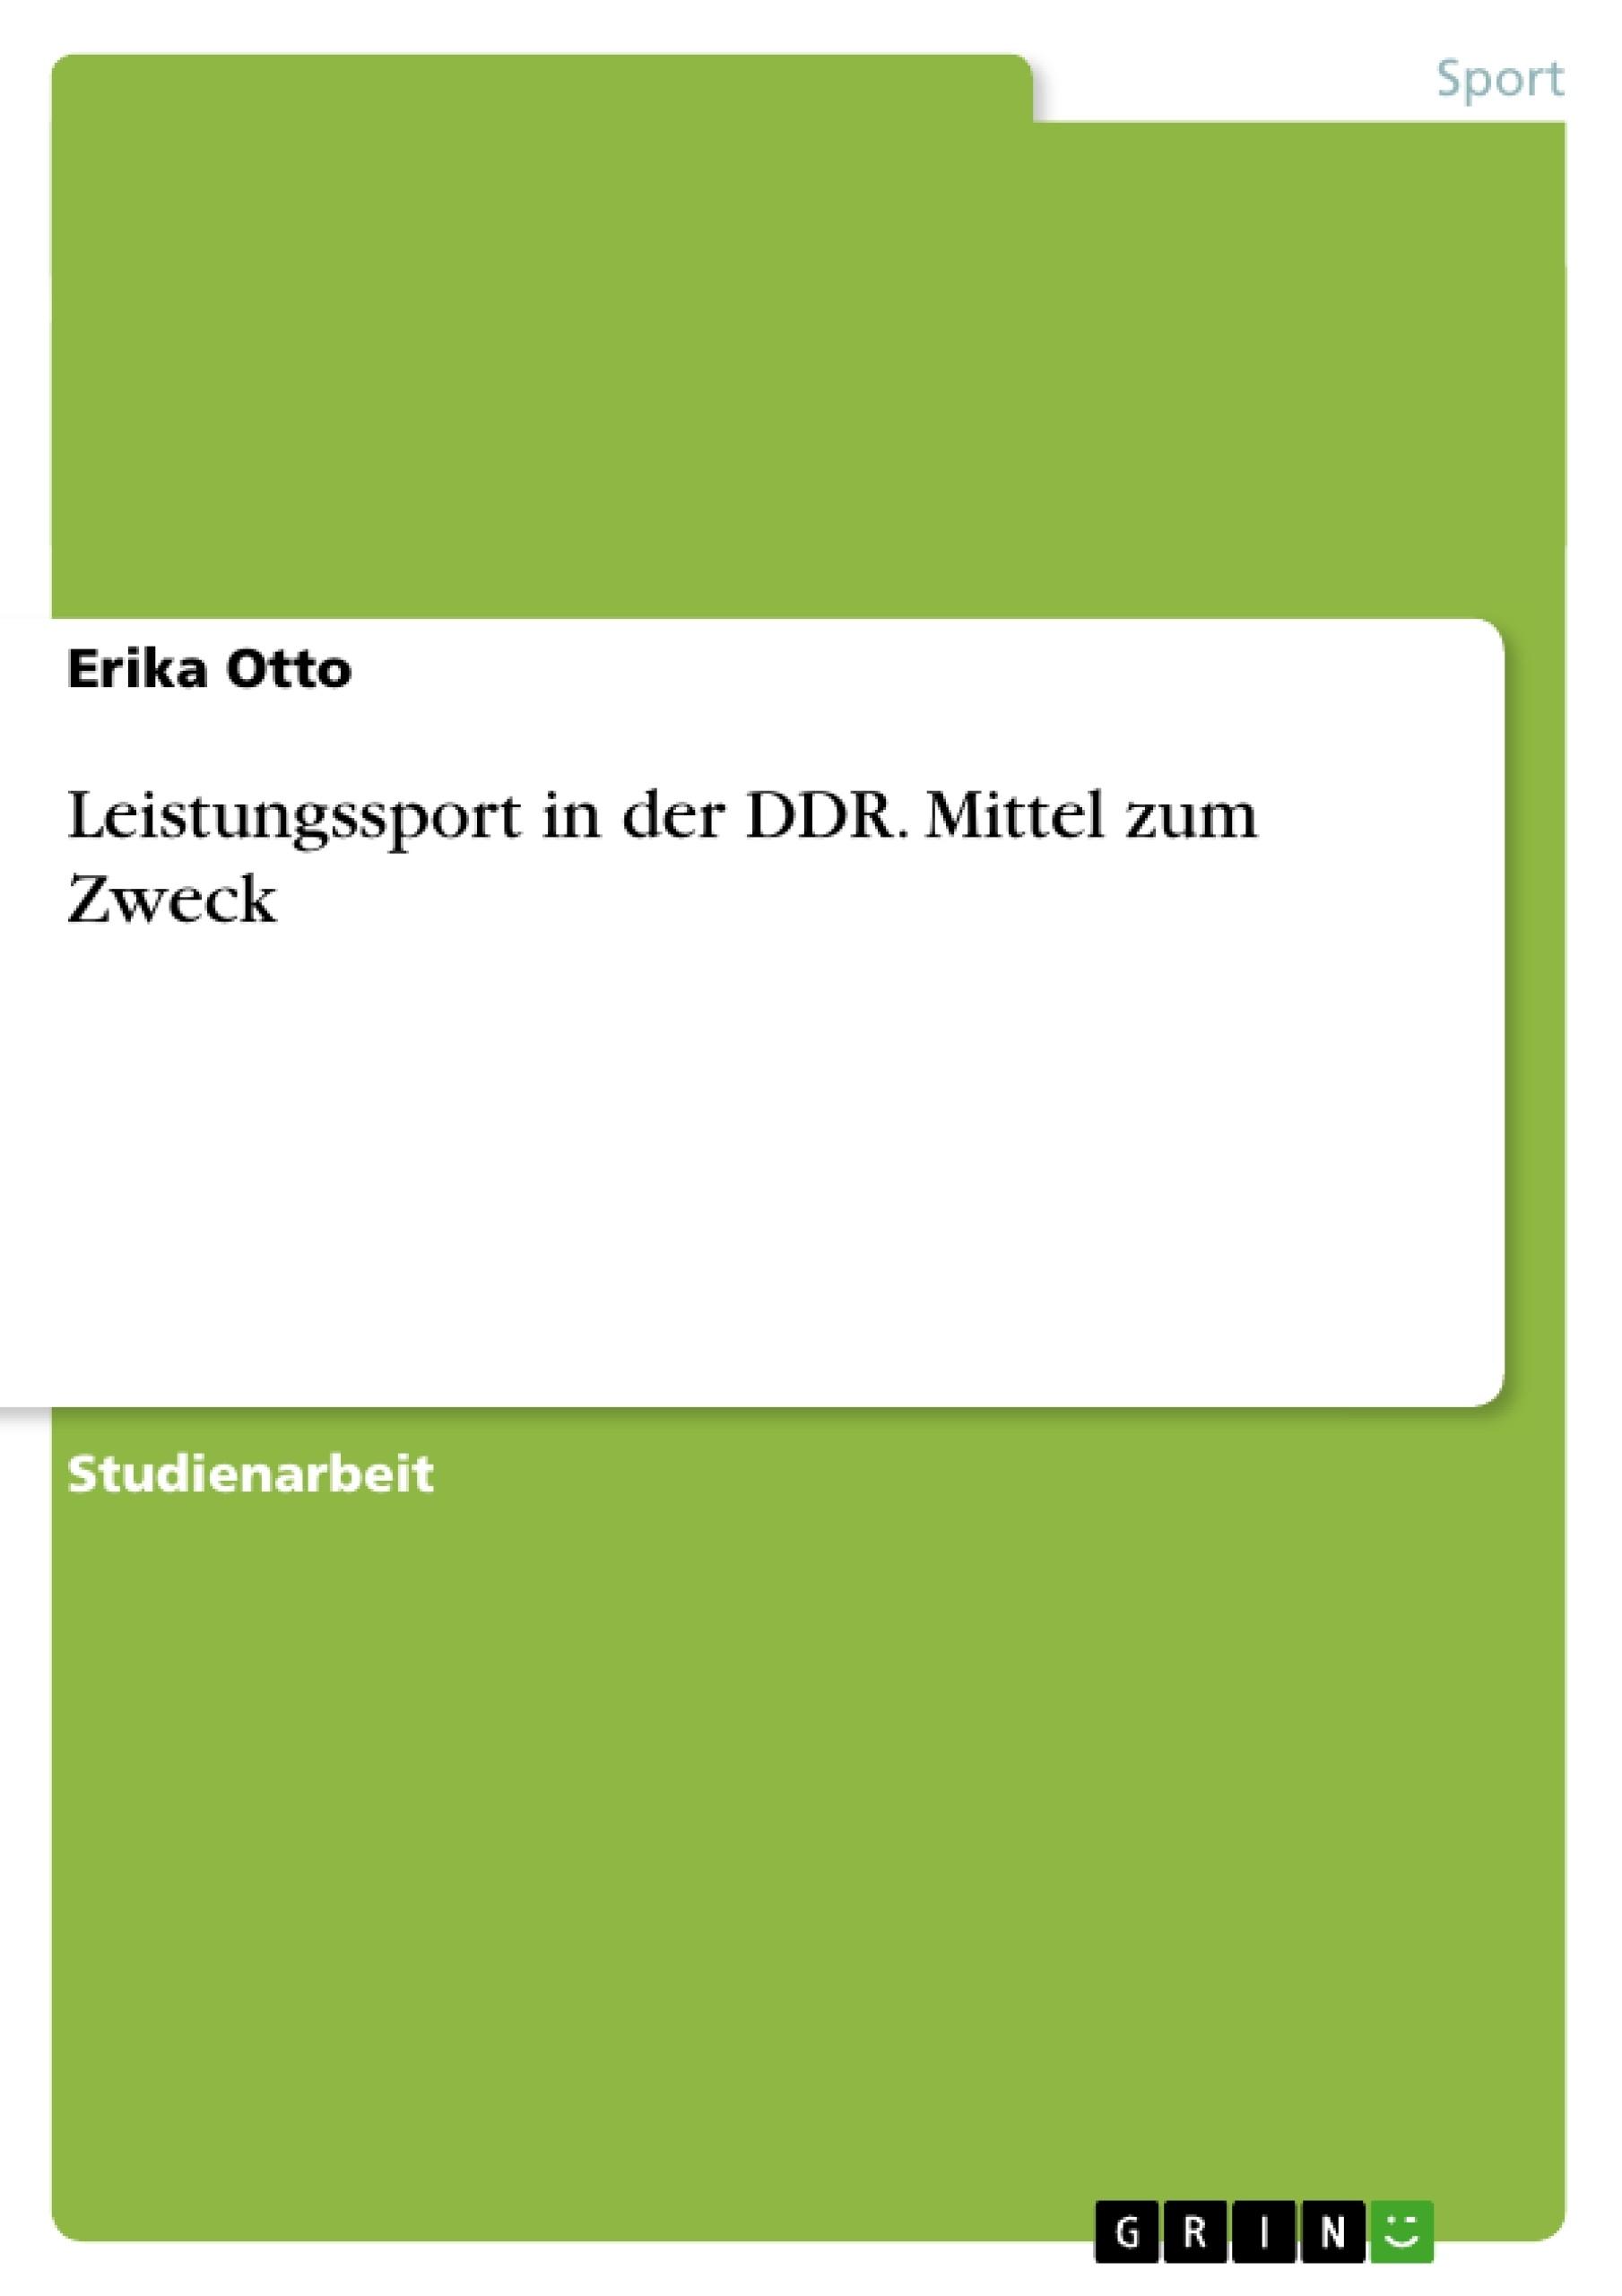 Titel: Leistungssport in der DDR. Mittel zum Zweck